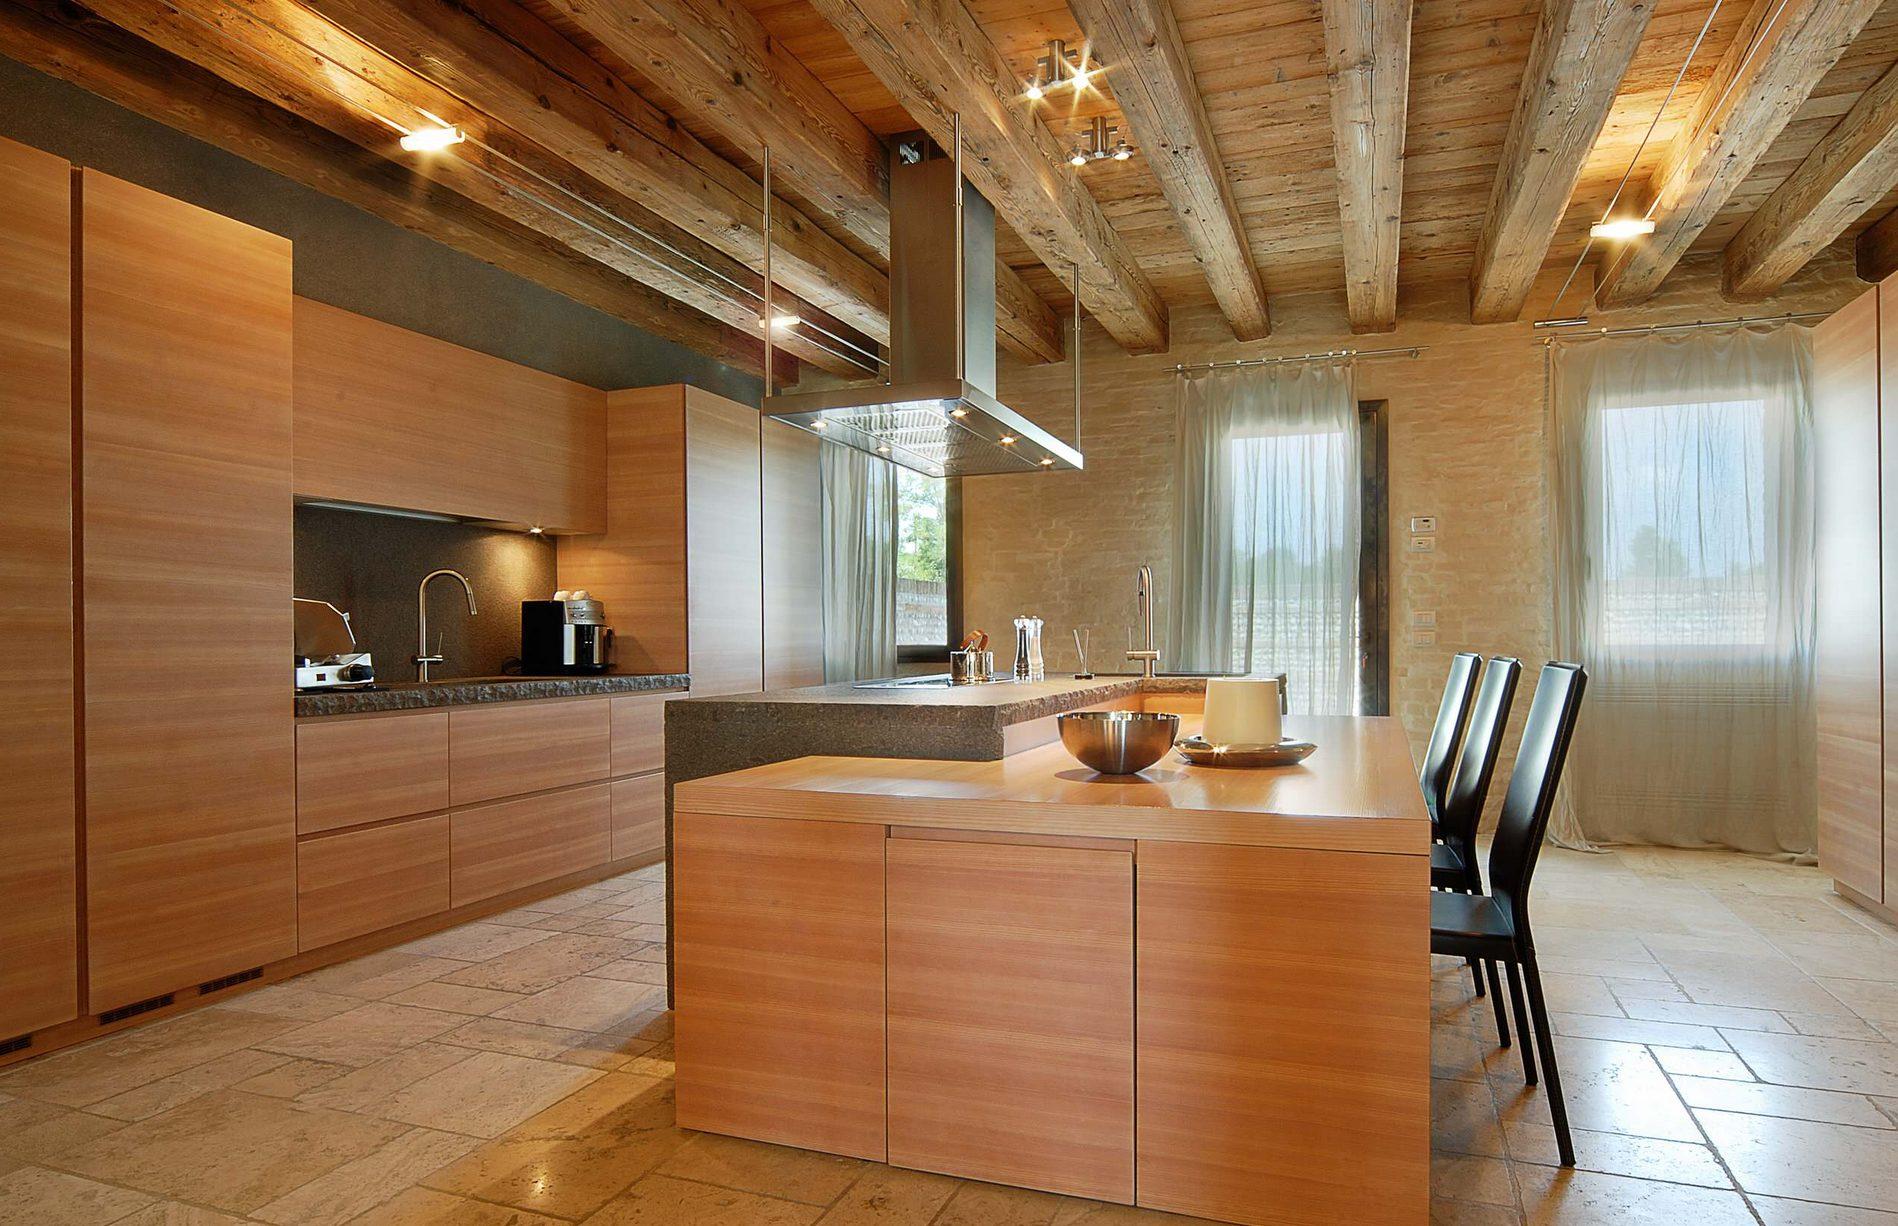 Come Decorare Una Cucina Rustica arredare una mansarda: 50 idee per realizzare un sogno